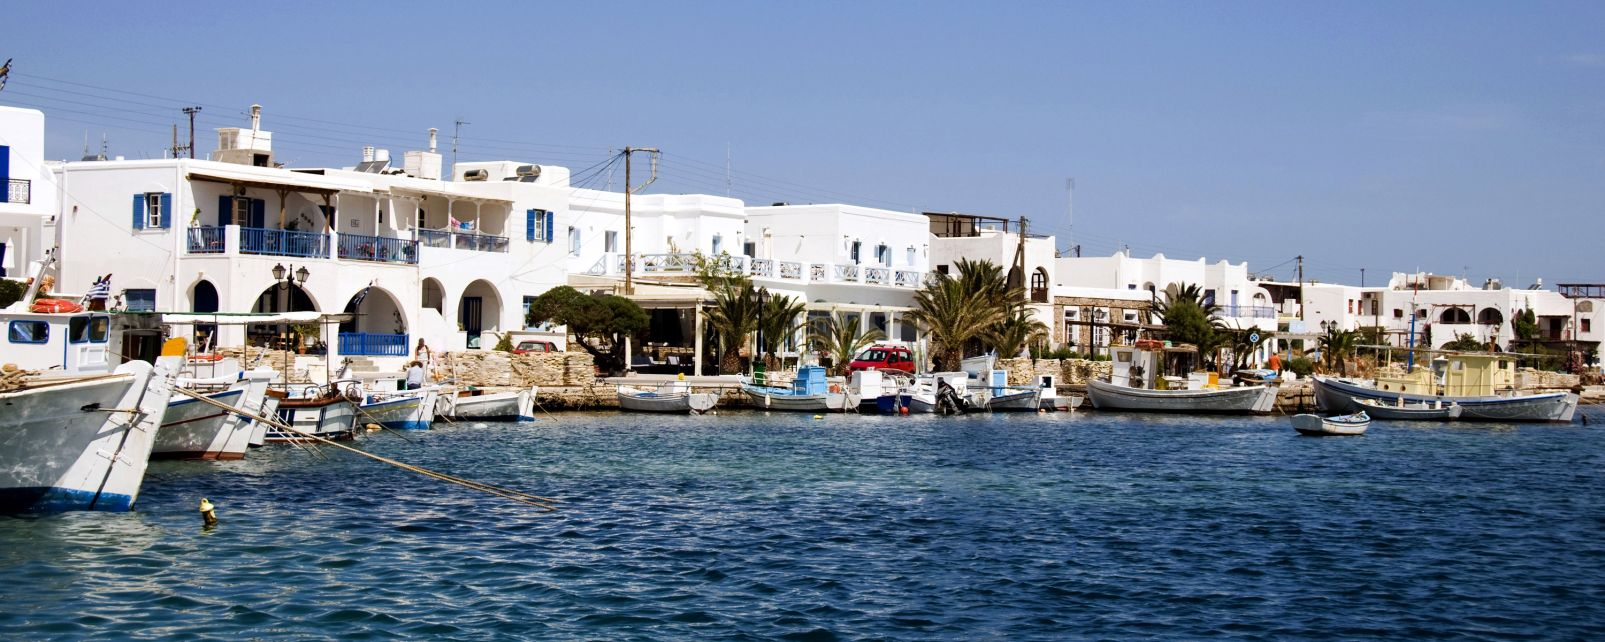 Antiparos, Cyclades, Grèce, Le port d'Antiparos